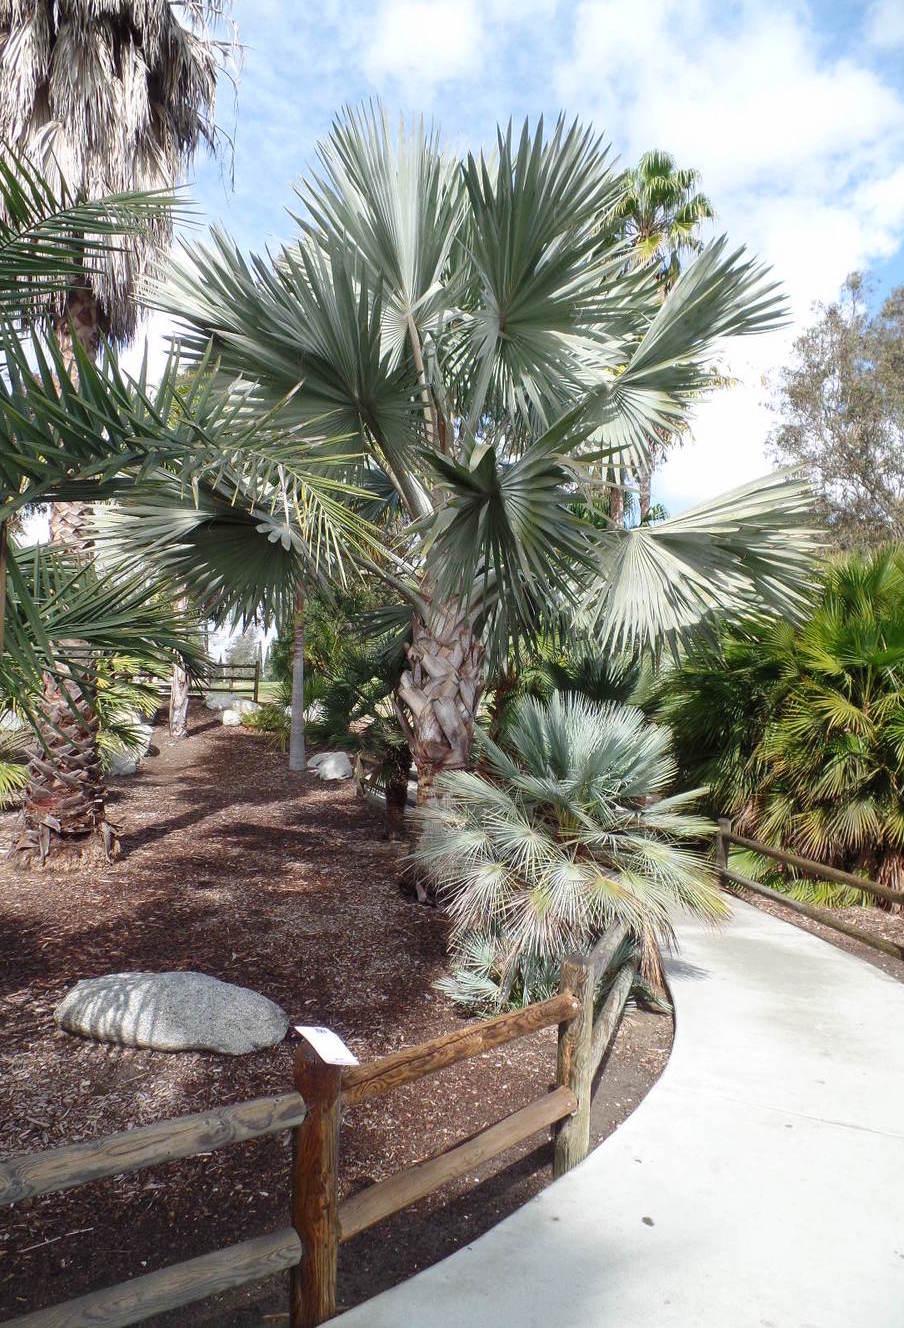 Pequenas ou grandes, as palmeiras azul são sempre bem vindas em projetos paisagísticos